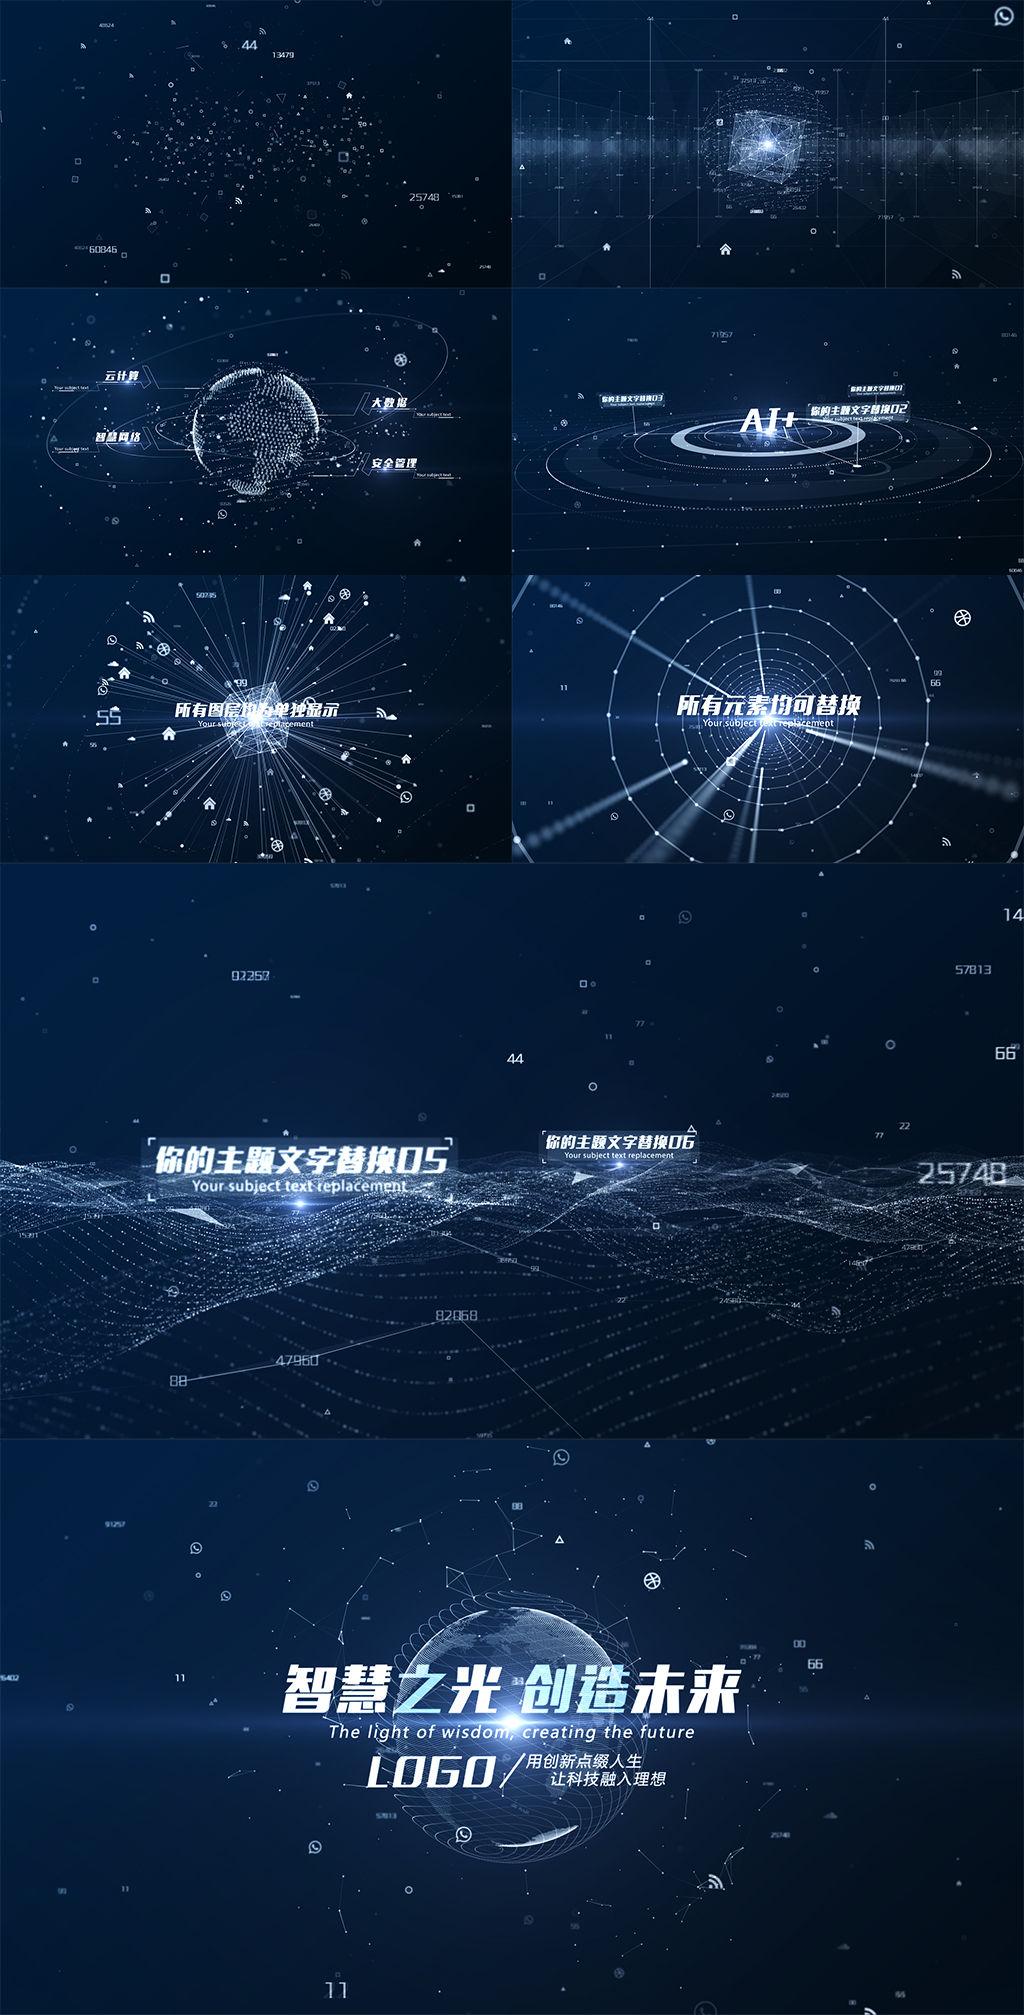 原创科技网络大数据开场ae模板